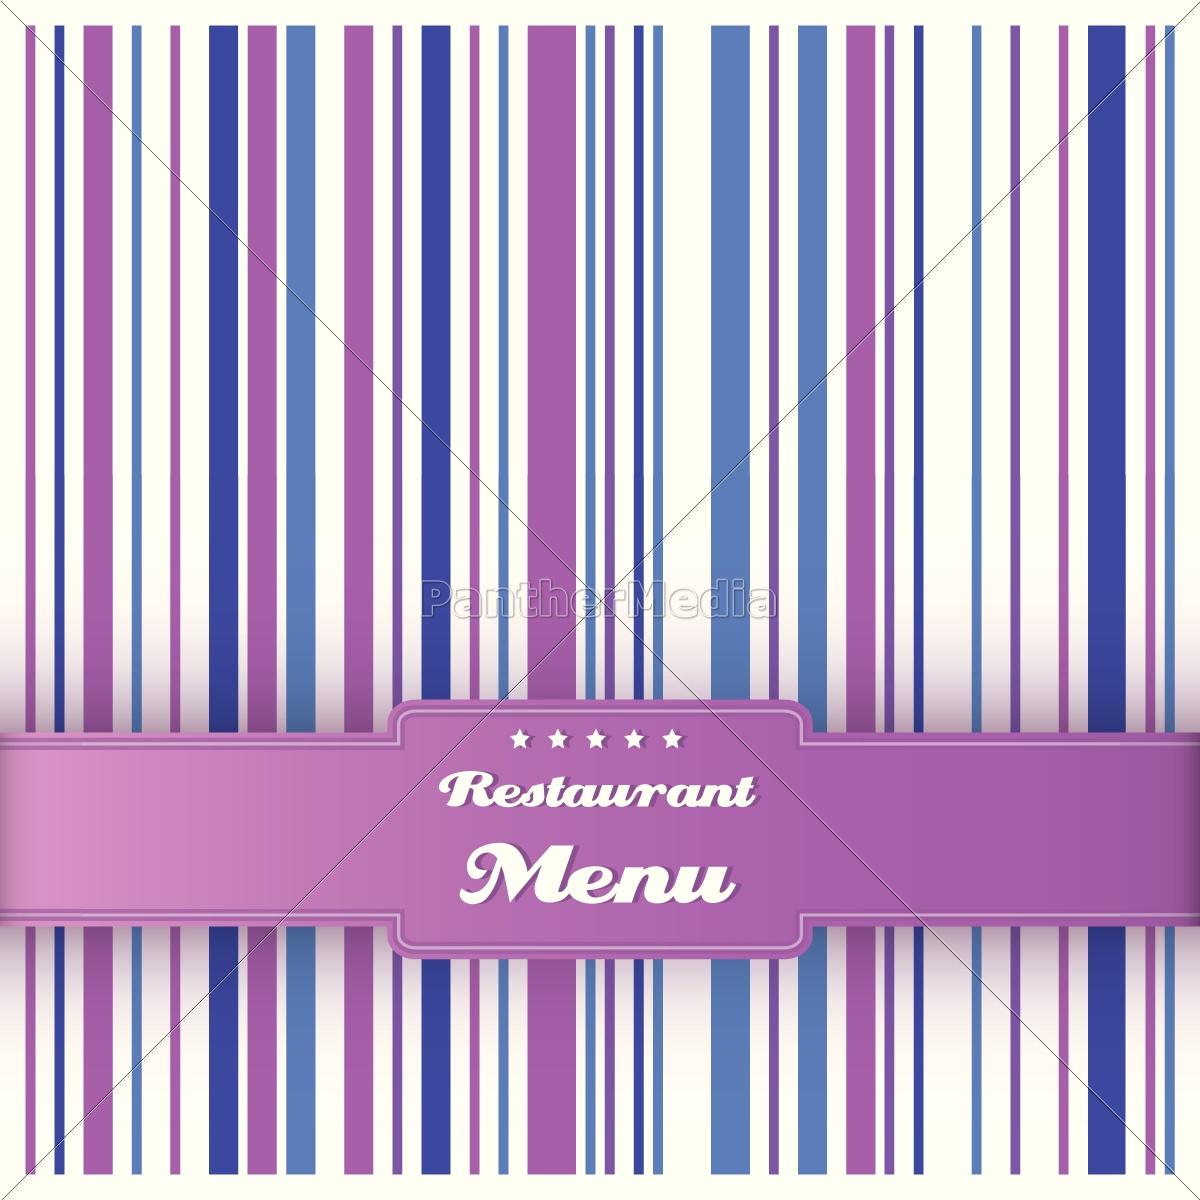 restaurant menü karte design-vorlage. vektor. - Lizenzfreies Foto ...